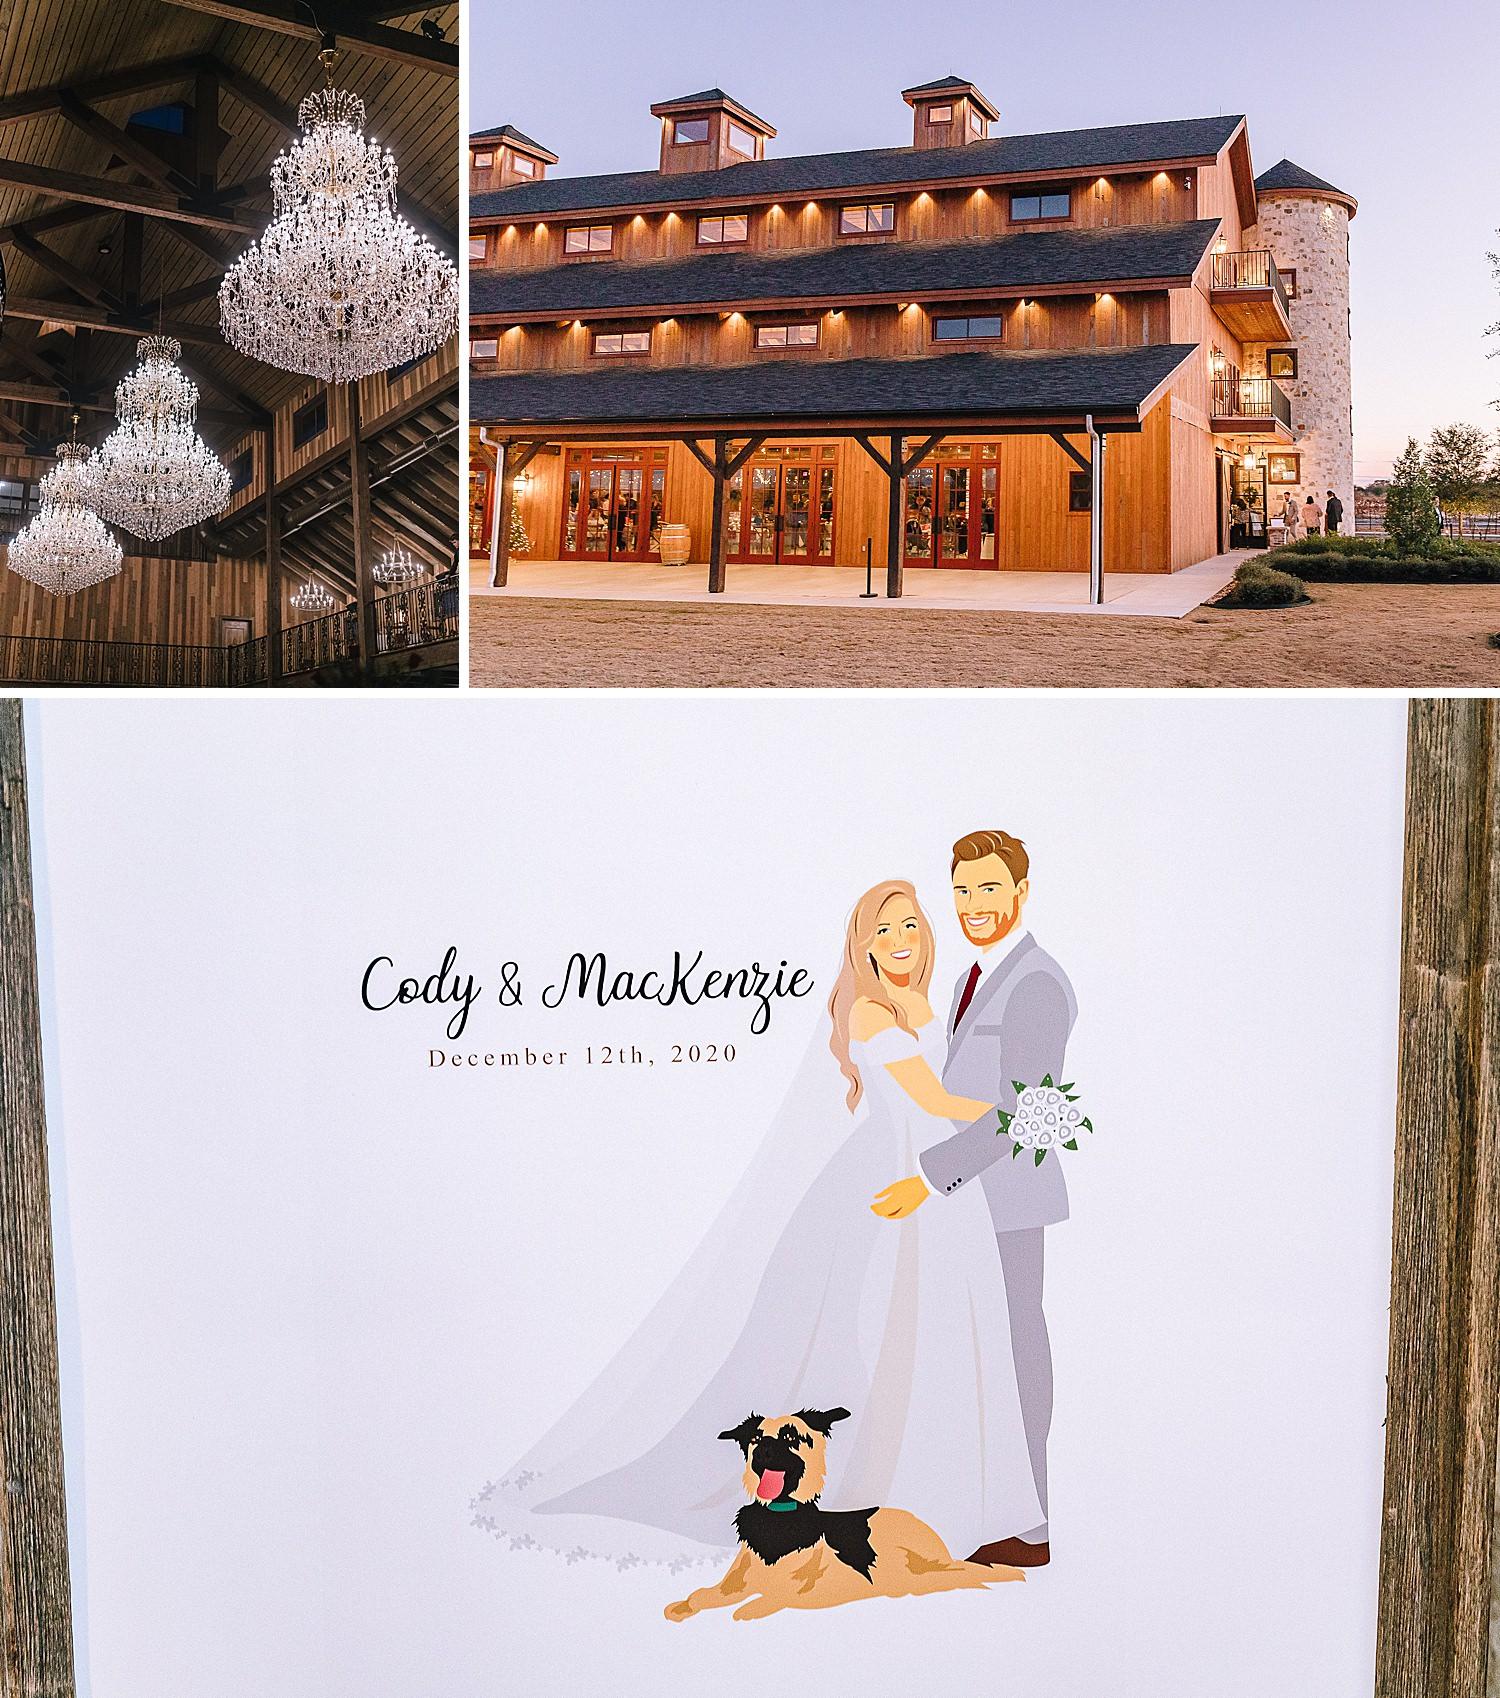 College-Station-Aggie-Wedding-The-Weinberg-at-Wixon-Valley-Christmas-Hallmark-Wedding_0002.jpg